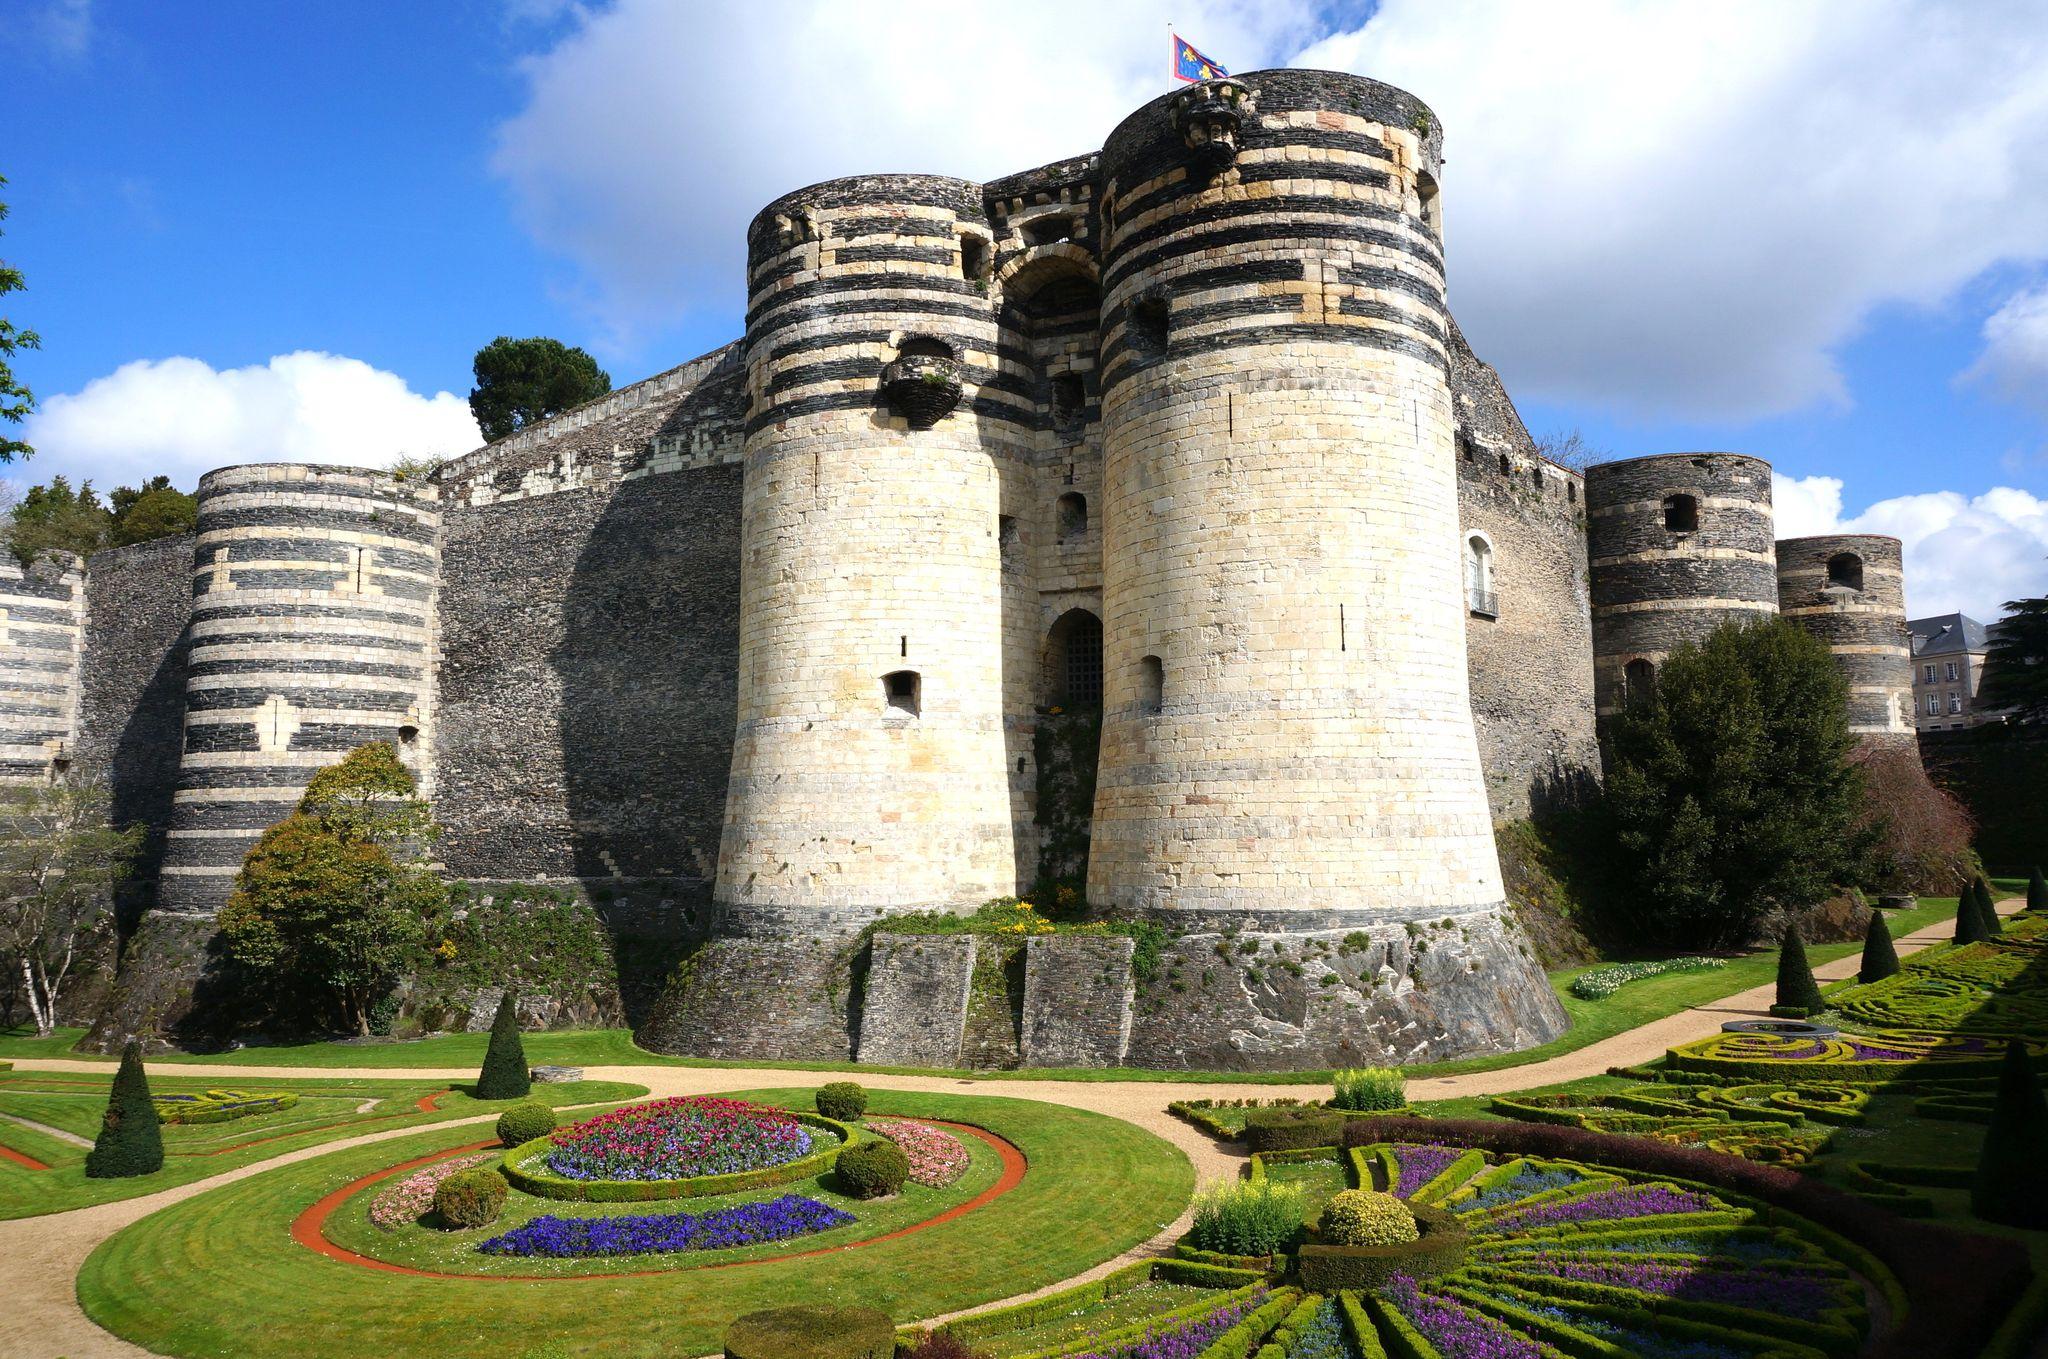 Κάστρο του Ανζέ, Ανζέ, Μαιν-ε-Λουάρ, Γαλλία